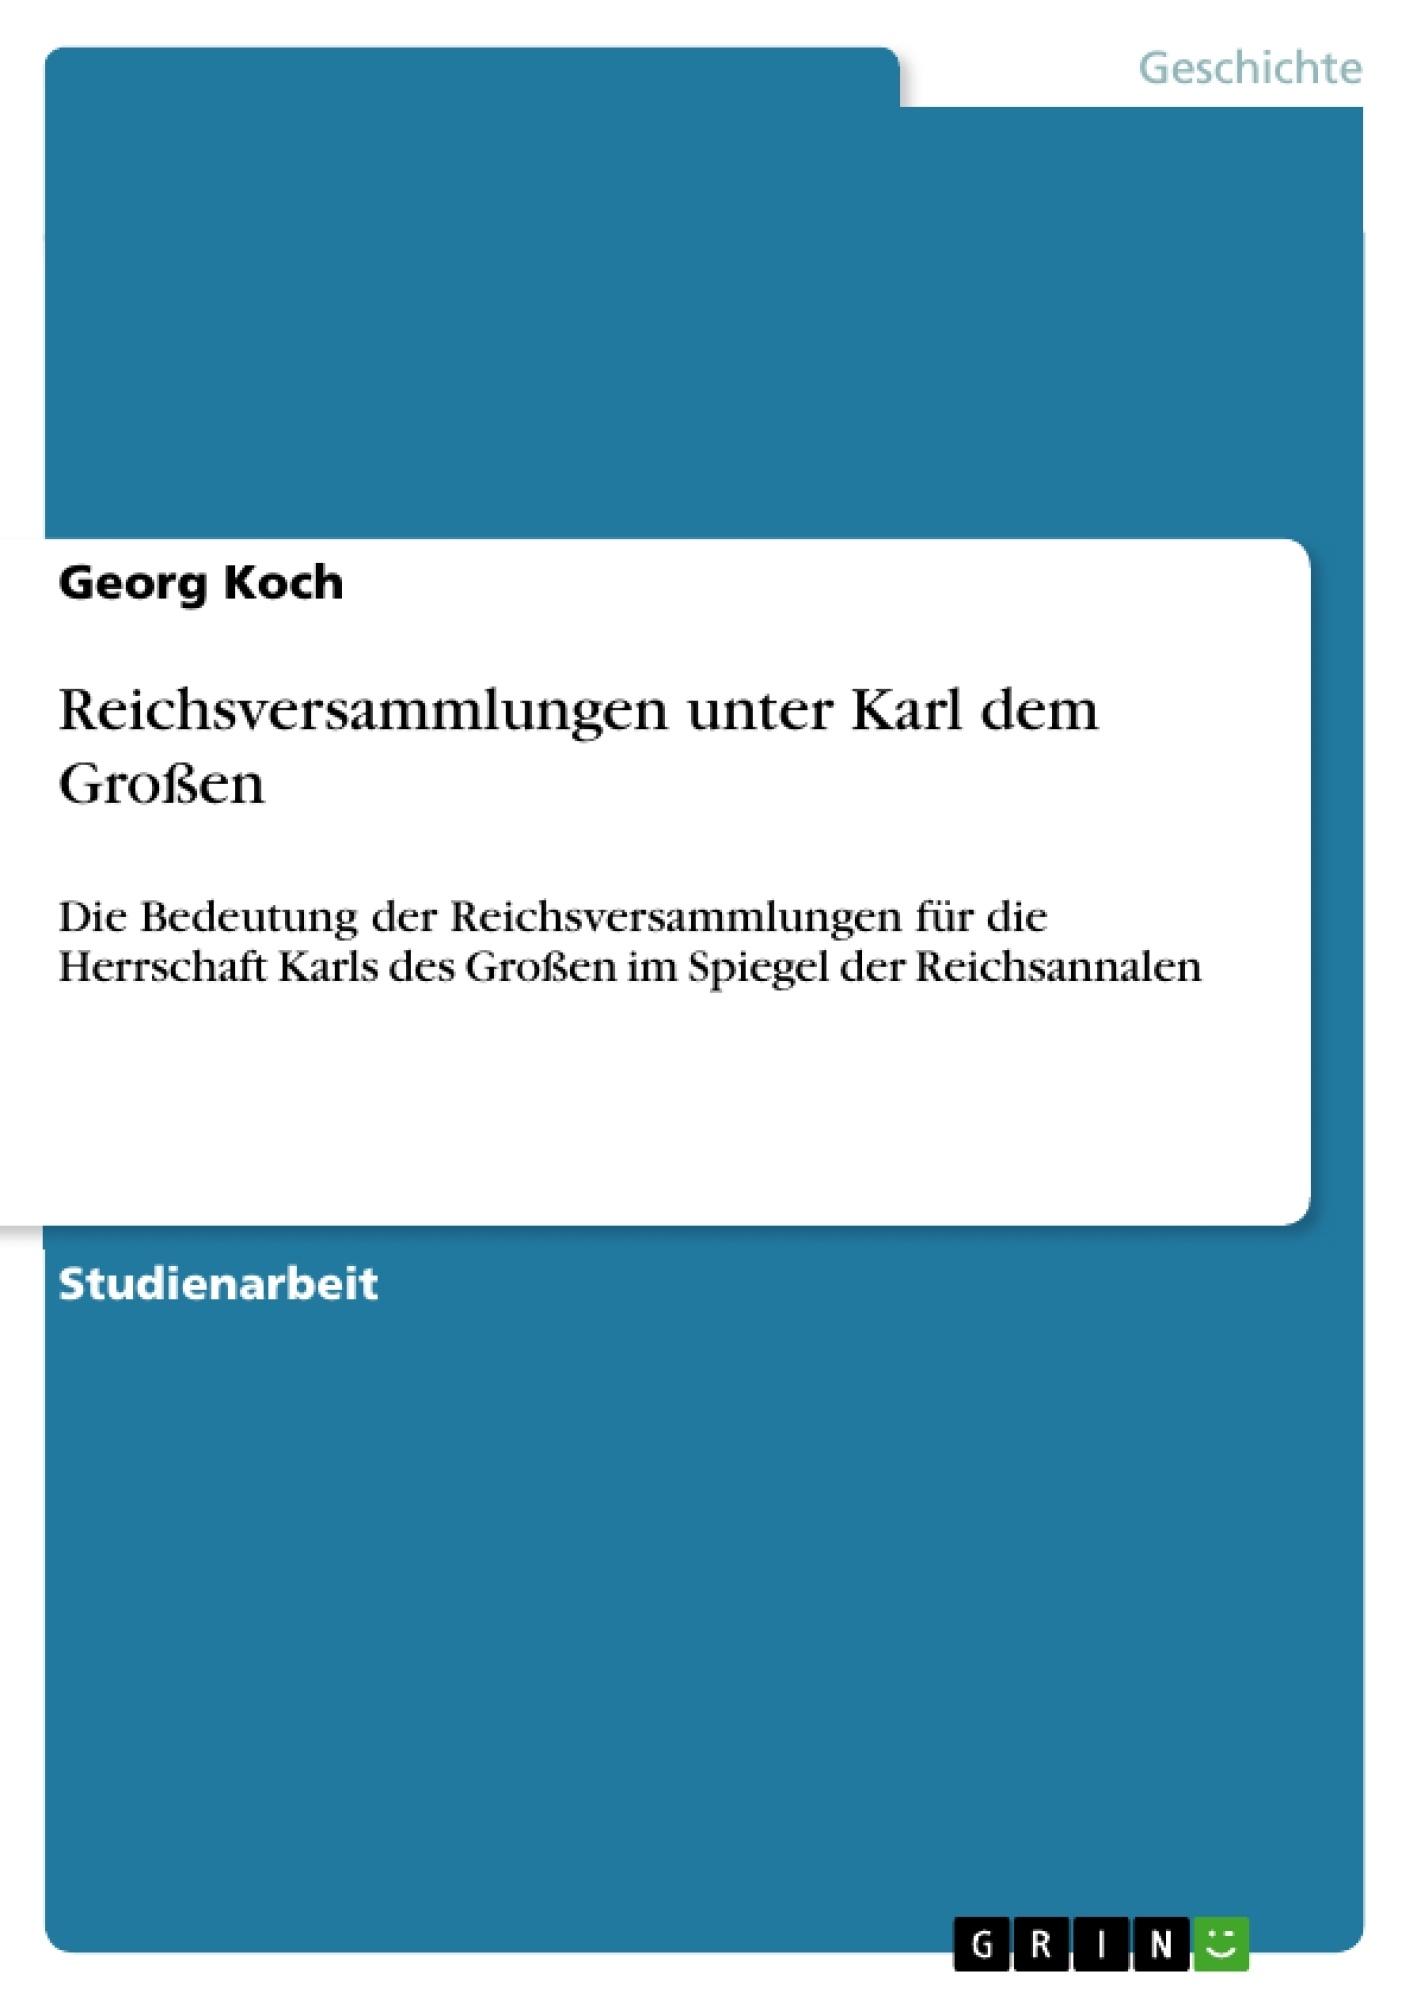 Titel: Reichsversammlungen unter Karl dem Großen